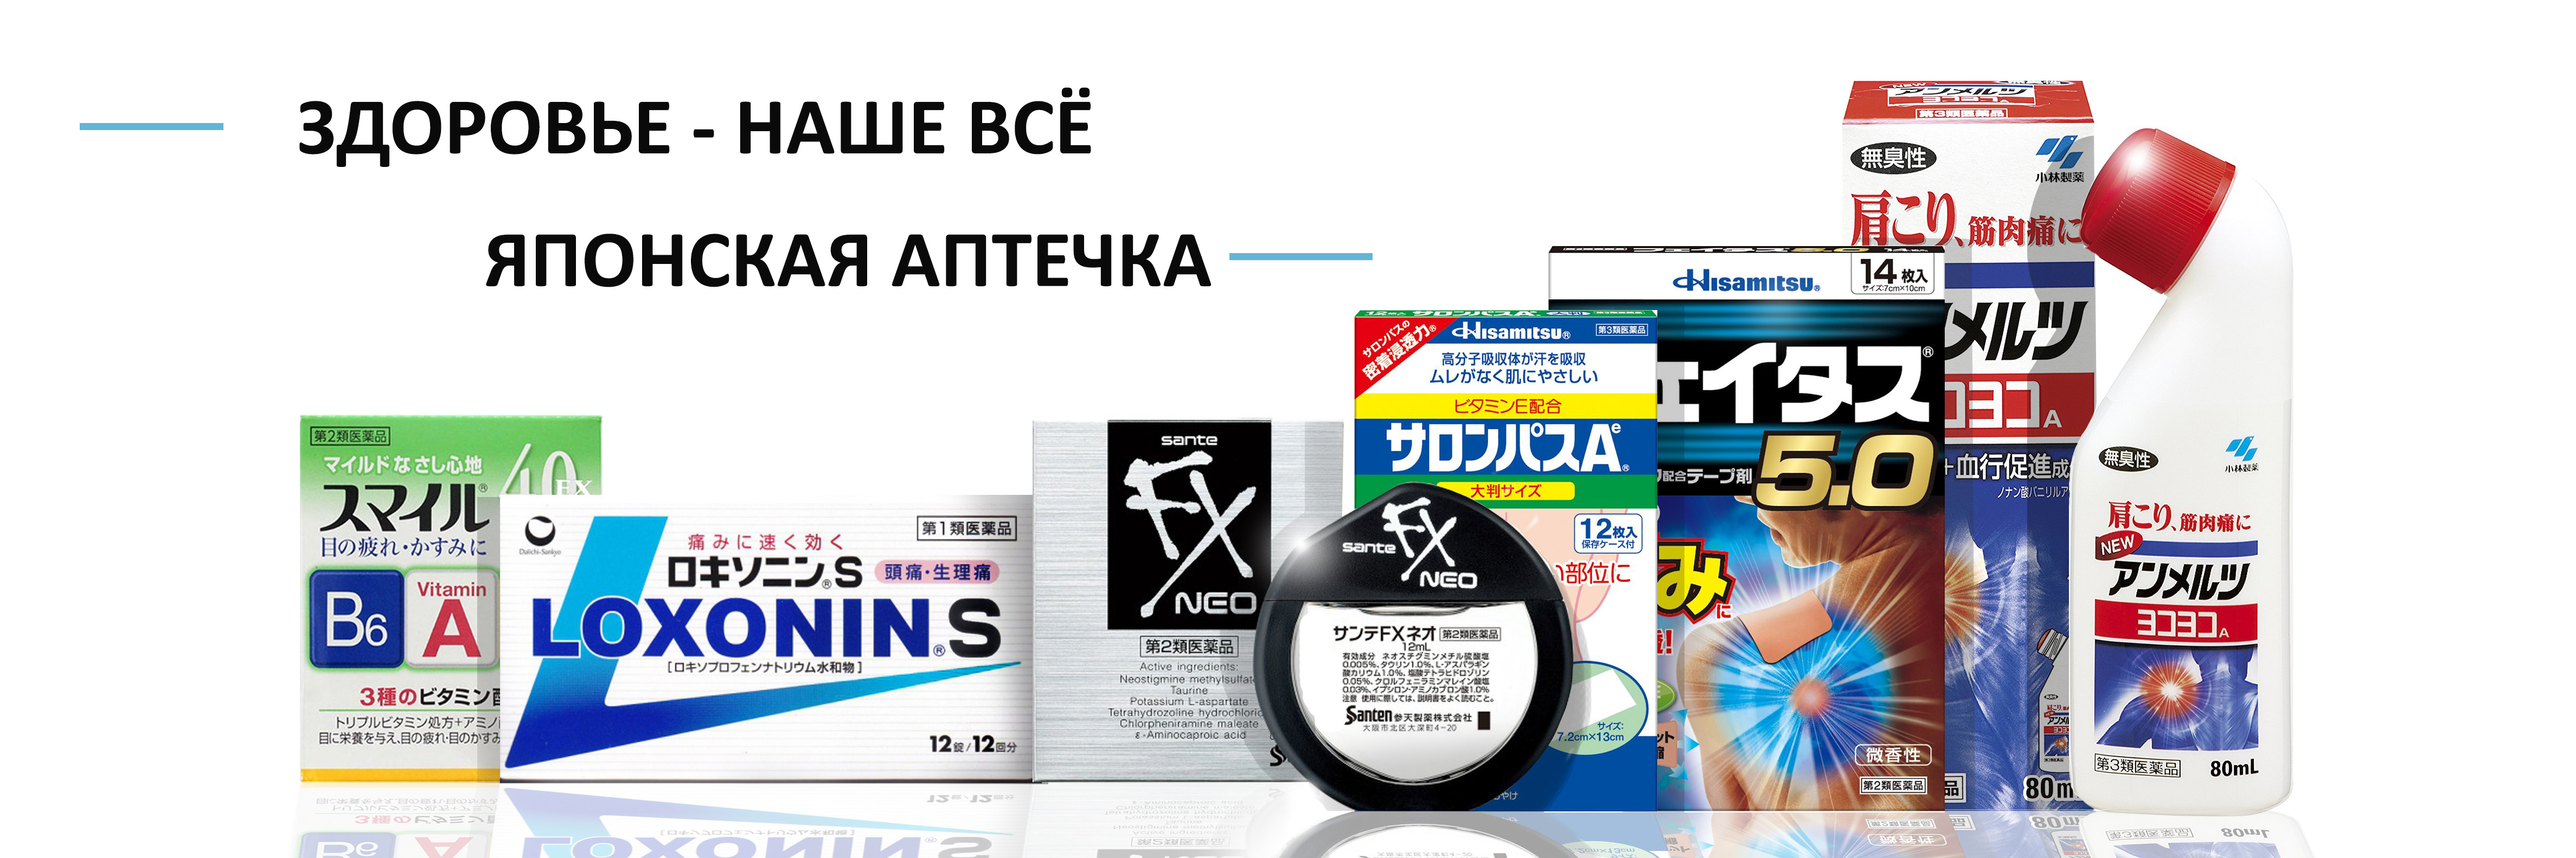 Японская аптечка